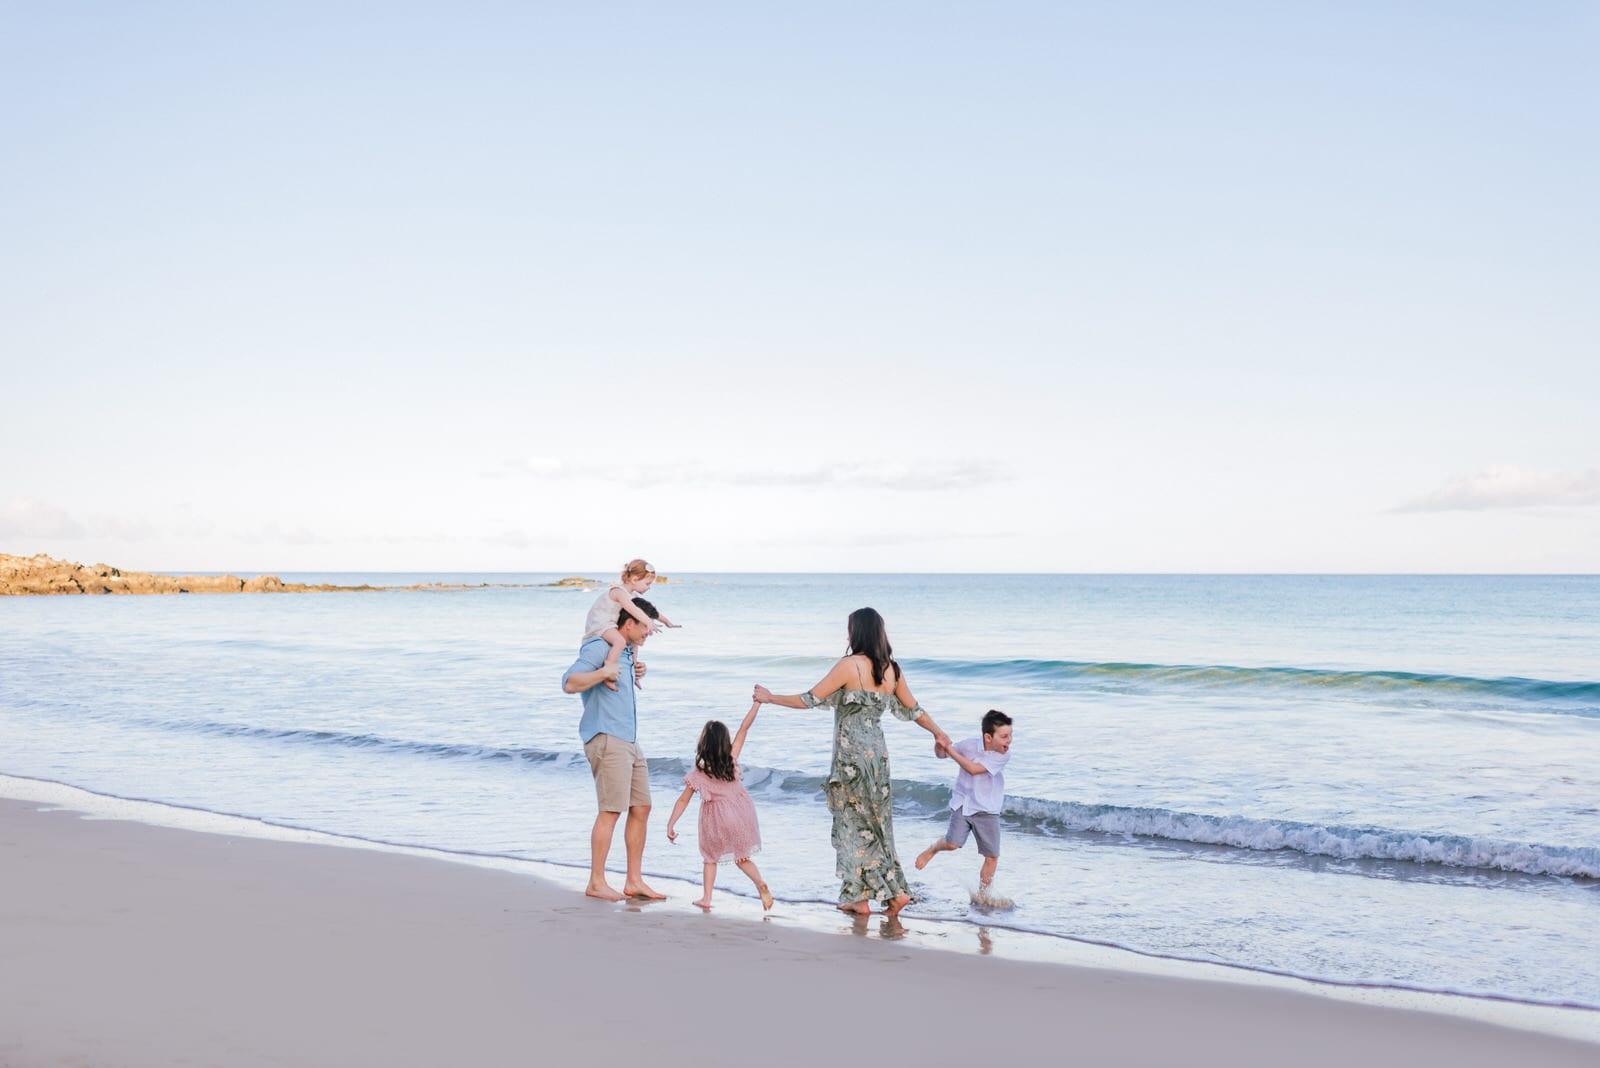 Mauna-Kea-Waikoloa-Family-Photographer-Hawaii-JW-33.jpg